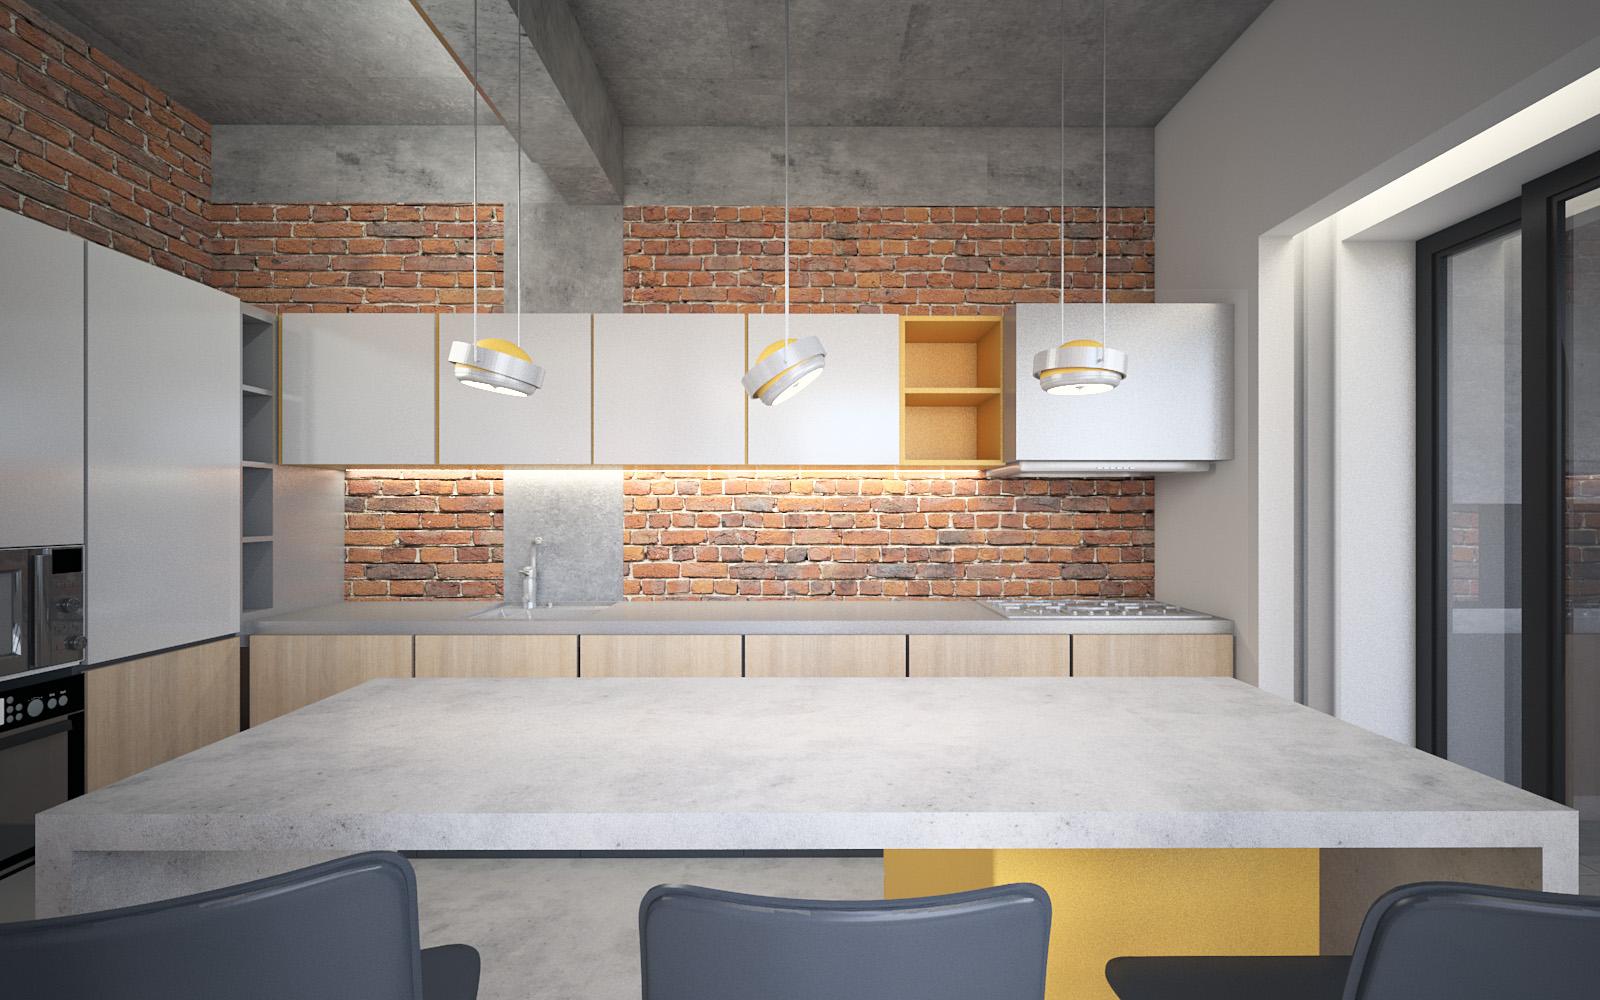 https://nbc-arhitect.ro/wp-content/uploads/2020/10/NBC-Arhitect-_-Arcstil-Residences-_-Romania-_-interior-design-view_8.jpg